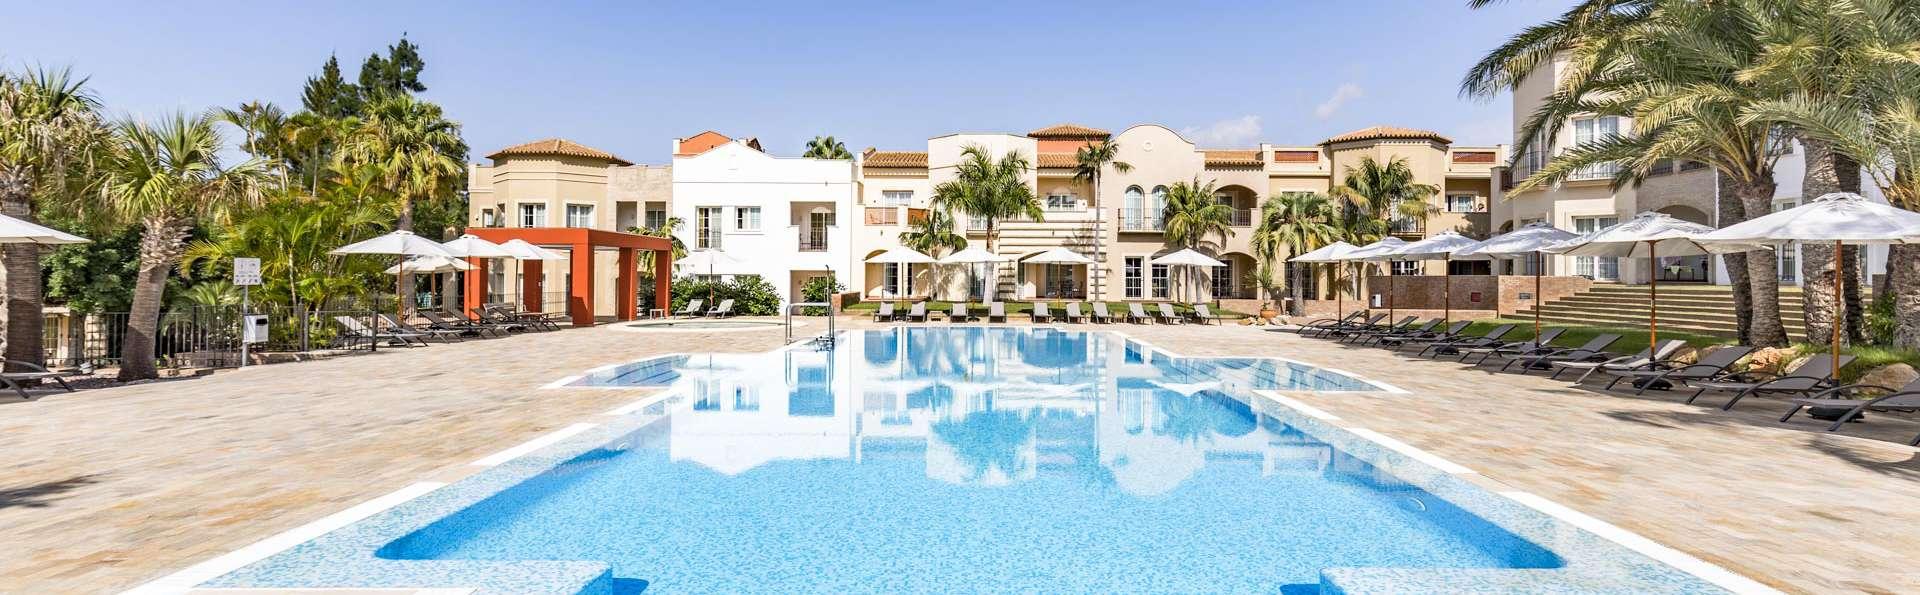 The Residences La Sella - EDIT_POOL_03.jpg